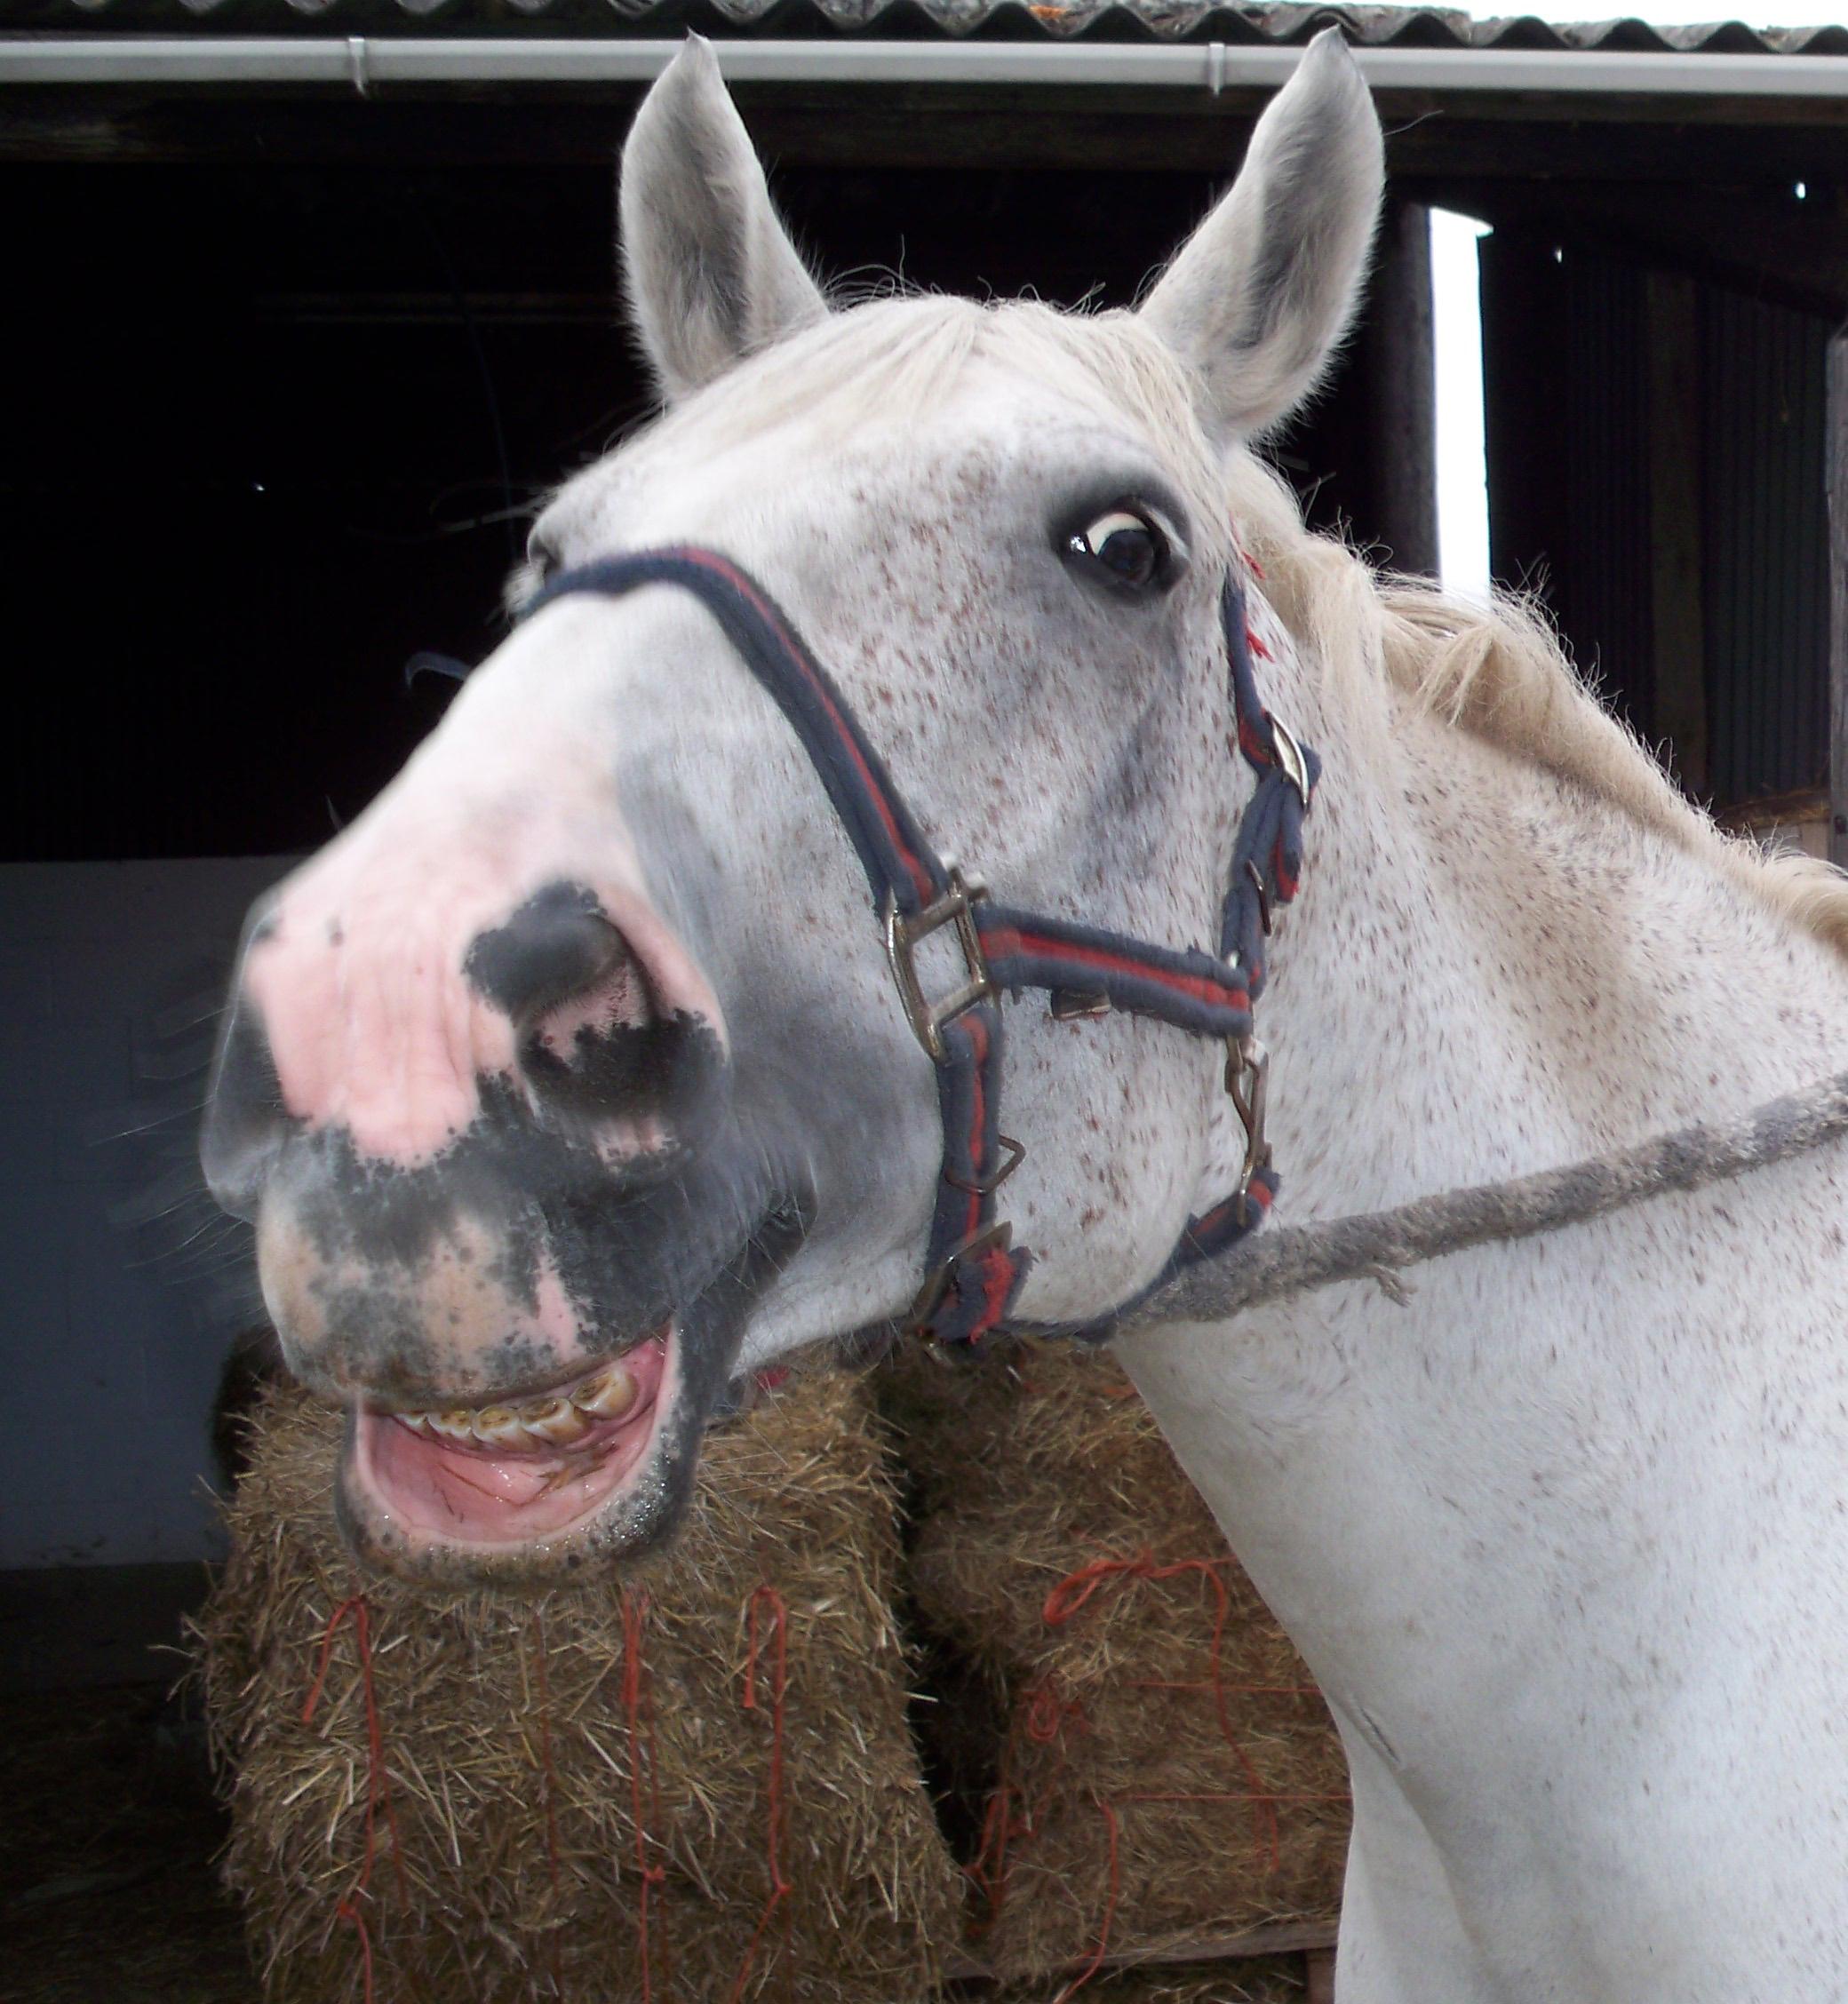 Uncategorized Smiling Horse smiling horse miorslaw foundmyself horse